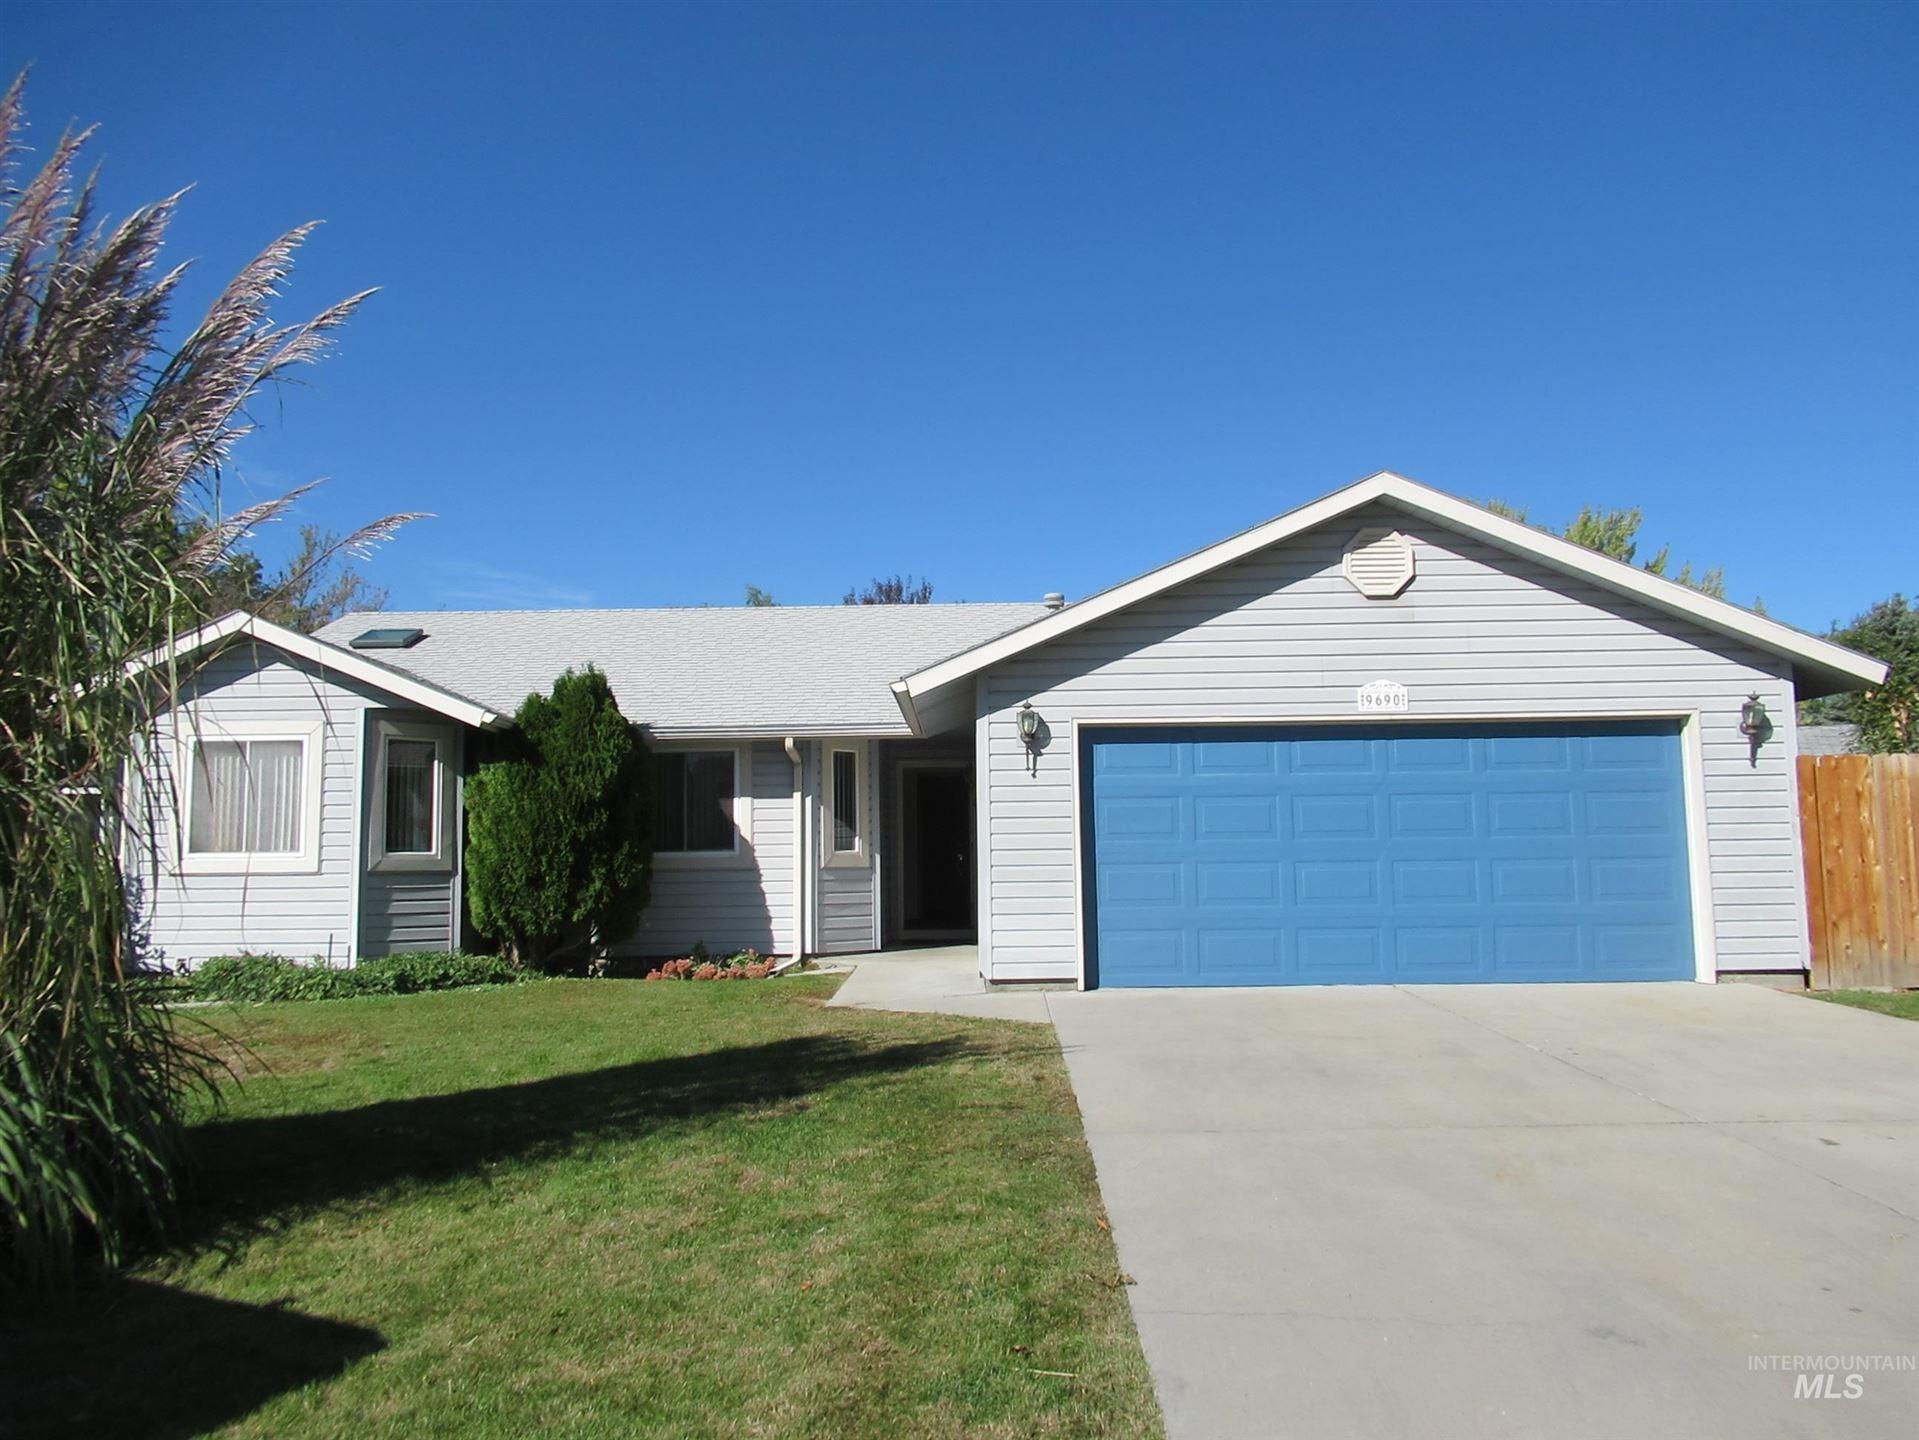 9690 W Linstock, Boise, ID 83704-2800 - MLS#: 98821035